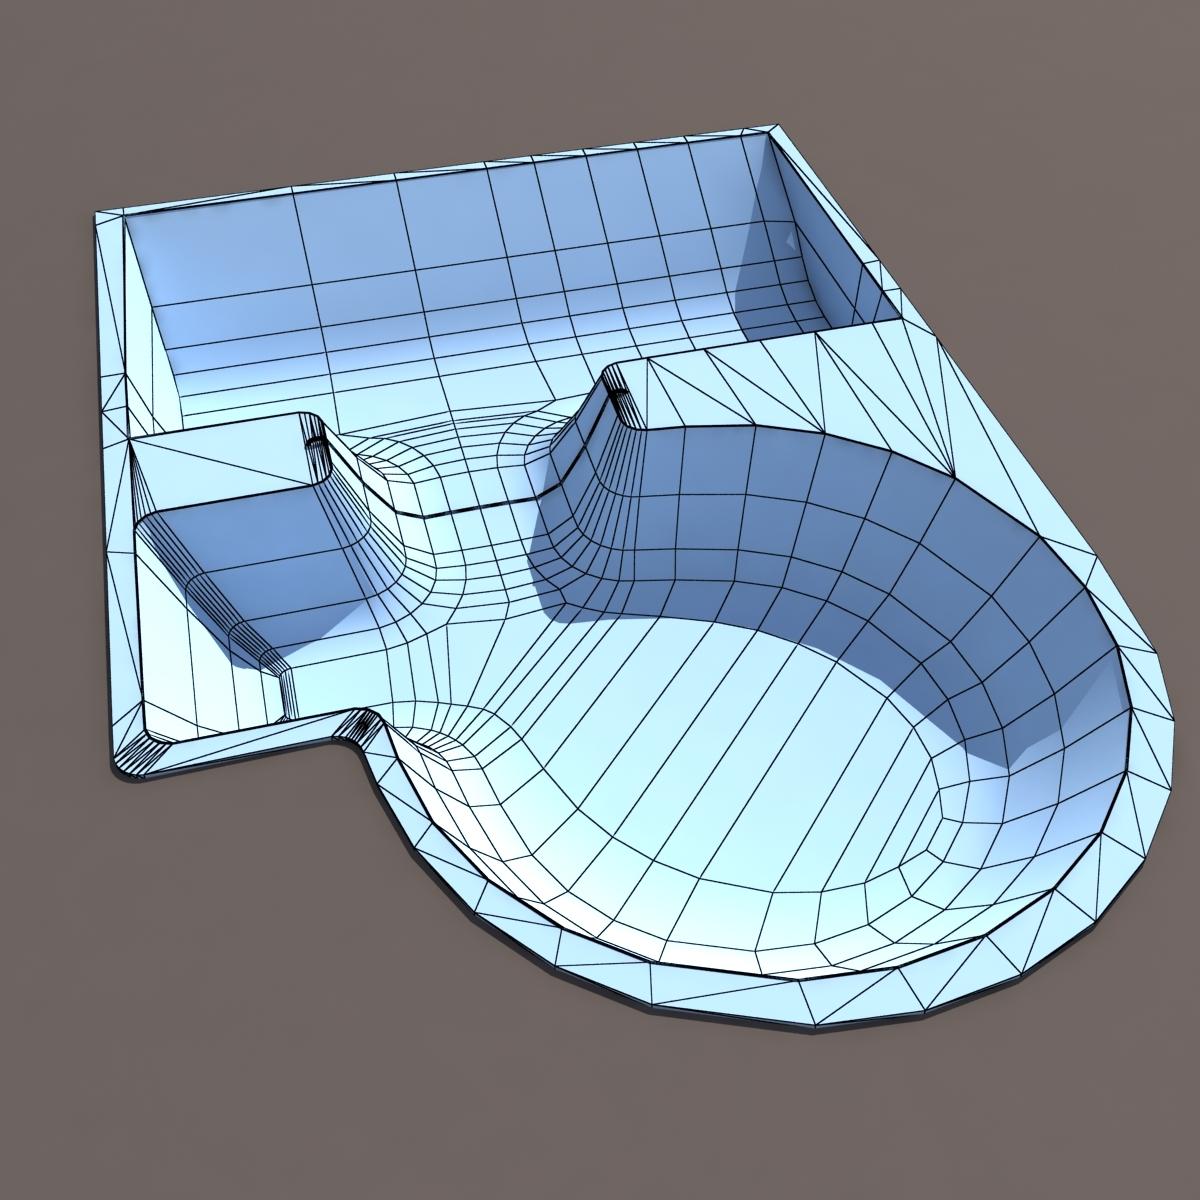 Kết quả hình ảnh cho xây dựng hồ bơi việt hải